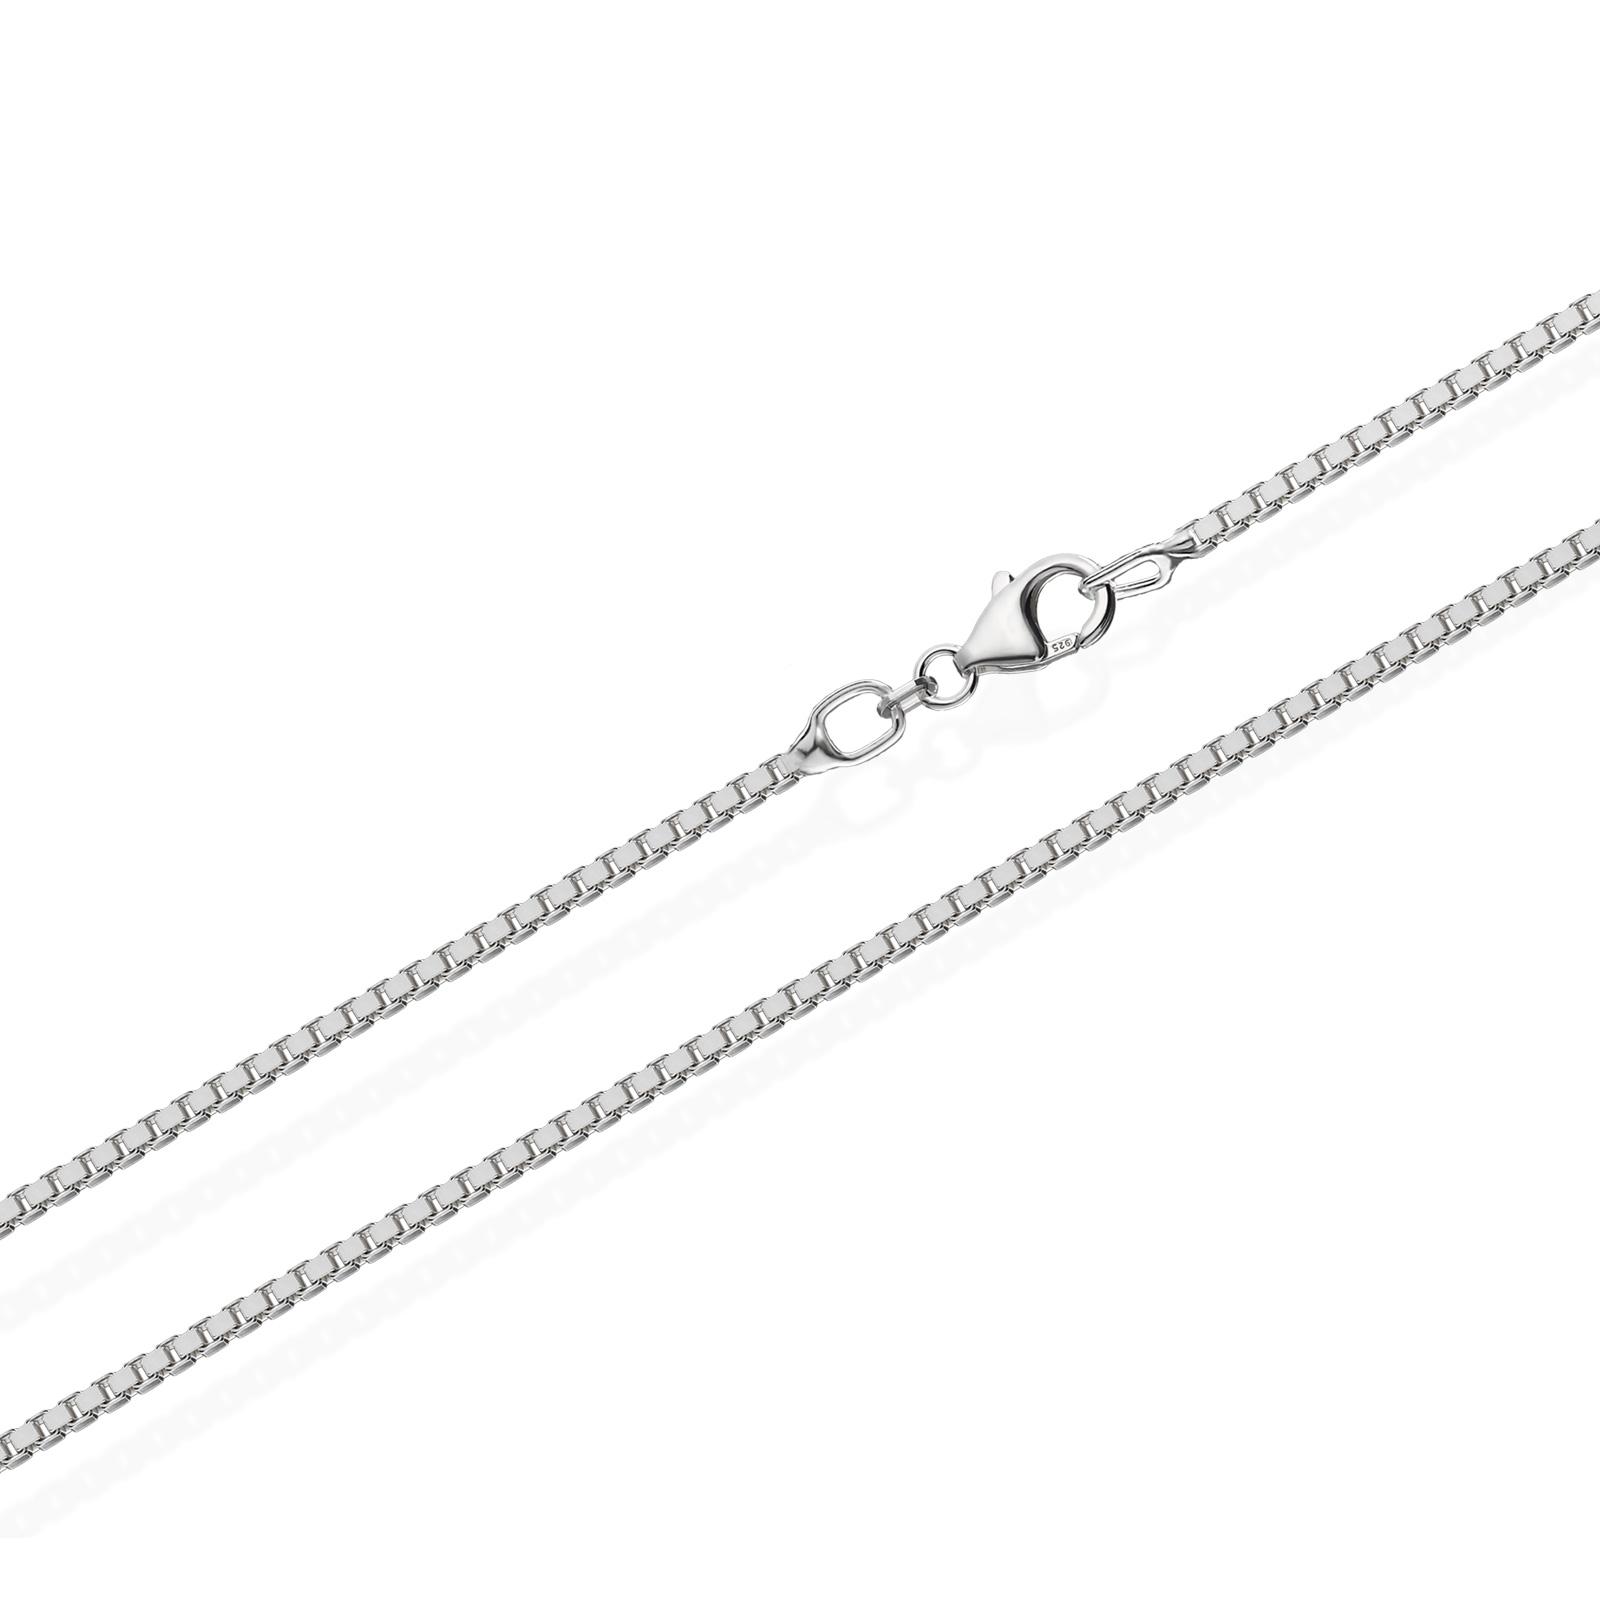 echte 925er Sterlingsilber Venezianerkette Silberkette Halskette Damen Herren 0,80mm